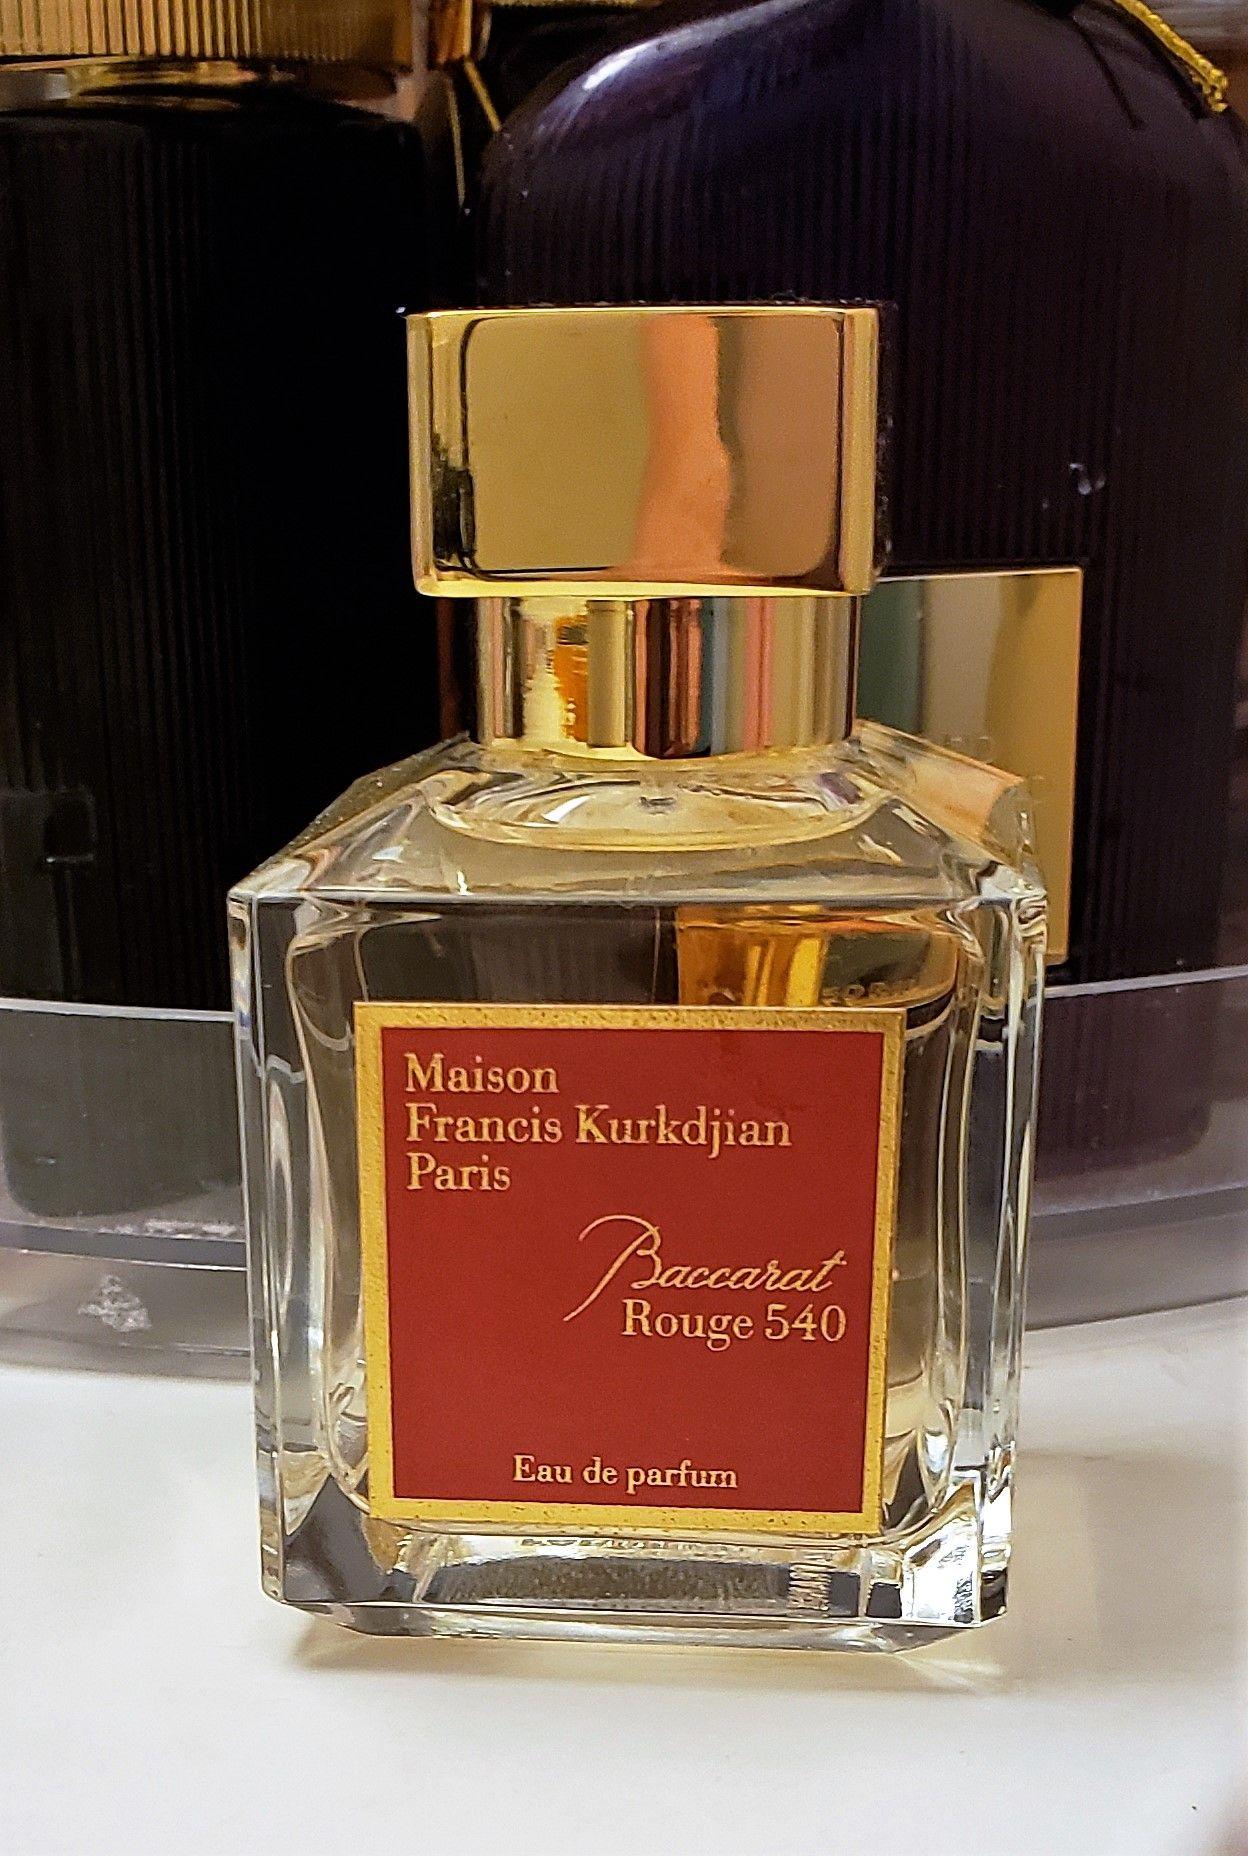 Maison Francis Kurkdjian Baccarat Rouge 540 Eau De Parfum Perfume Eau De Parfum Perfume Collection